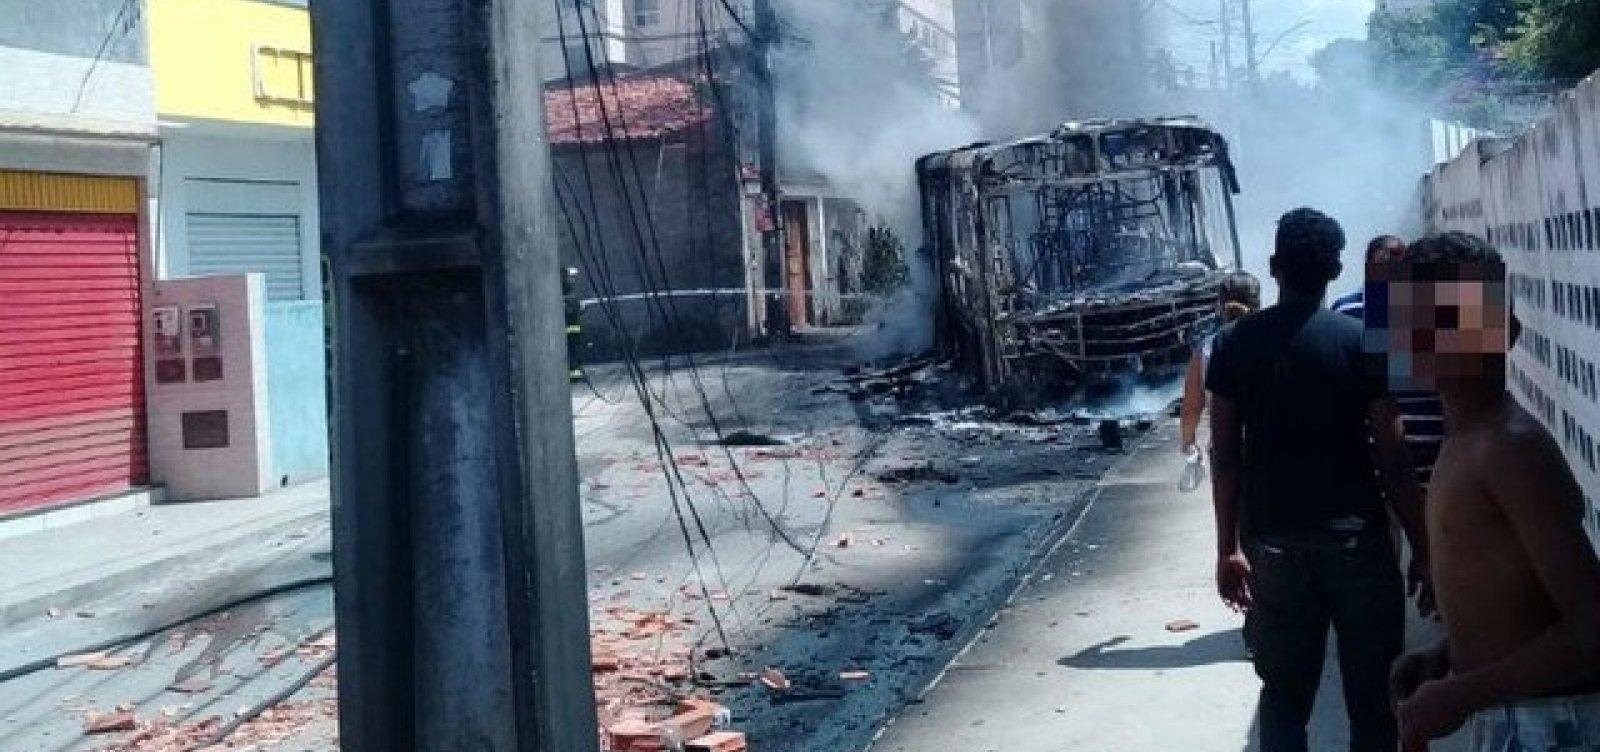 Ônibus continuam sem circular em rua do Jardim das Margaridas após incêndio em coletivo